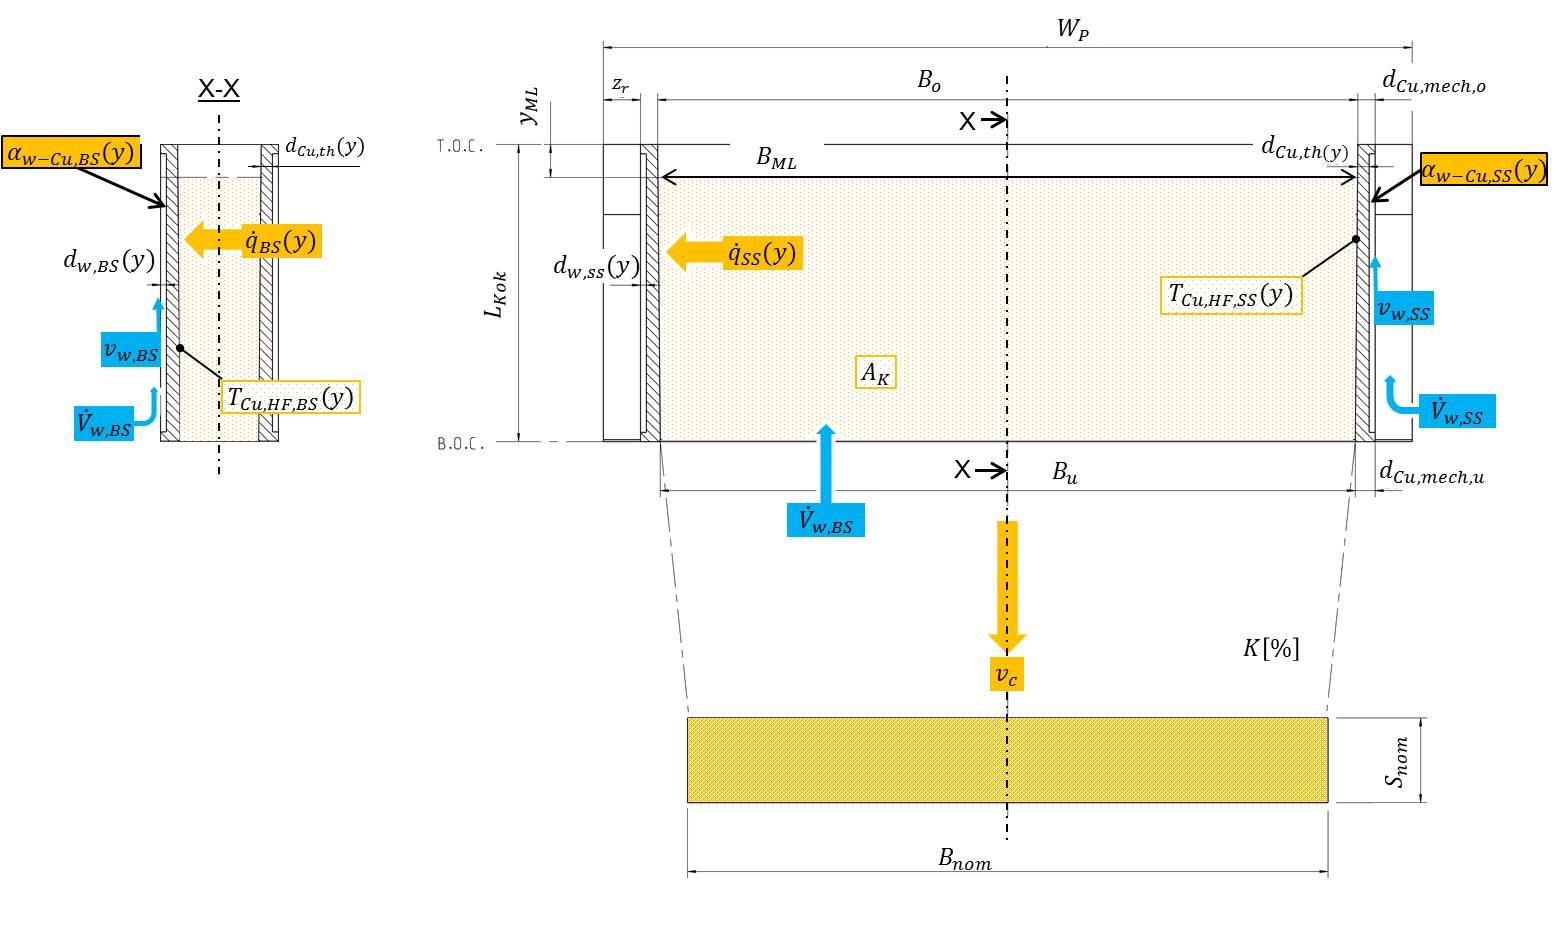 Bild 5: Geometrie und Verfahrensparameter im Konfigurationsmodell. (Bild: SMS Siemag)